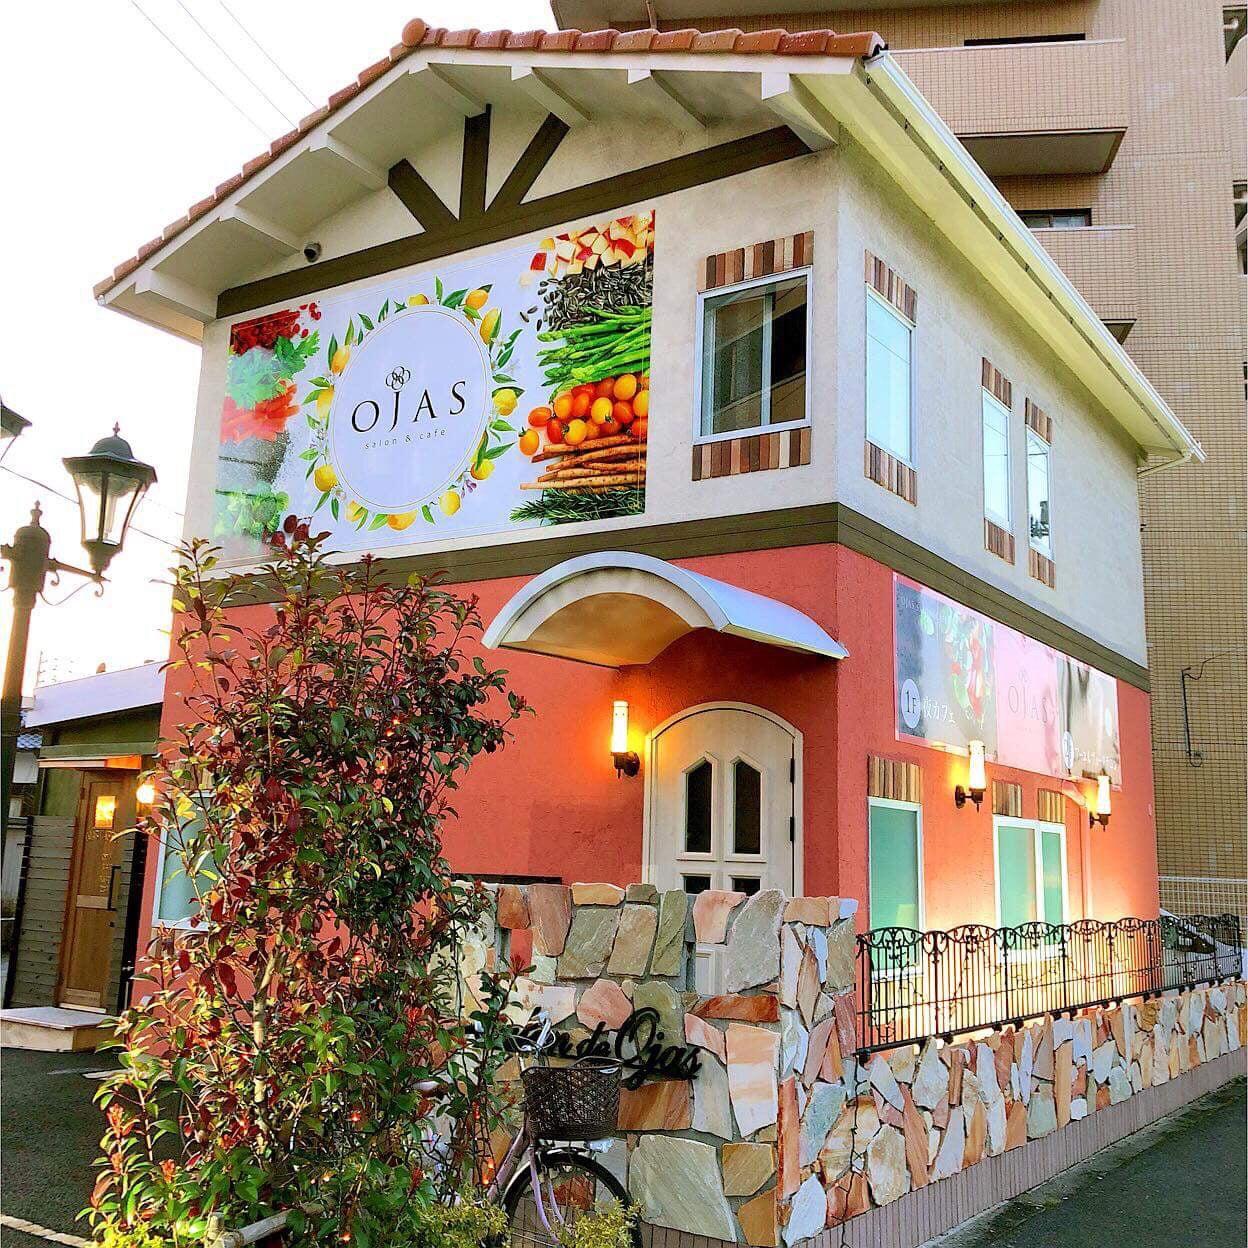 サロン&カフェ オージャス 山口県松保町1-7  の写真